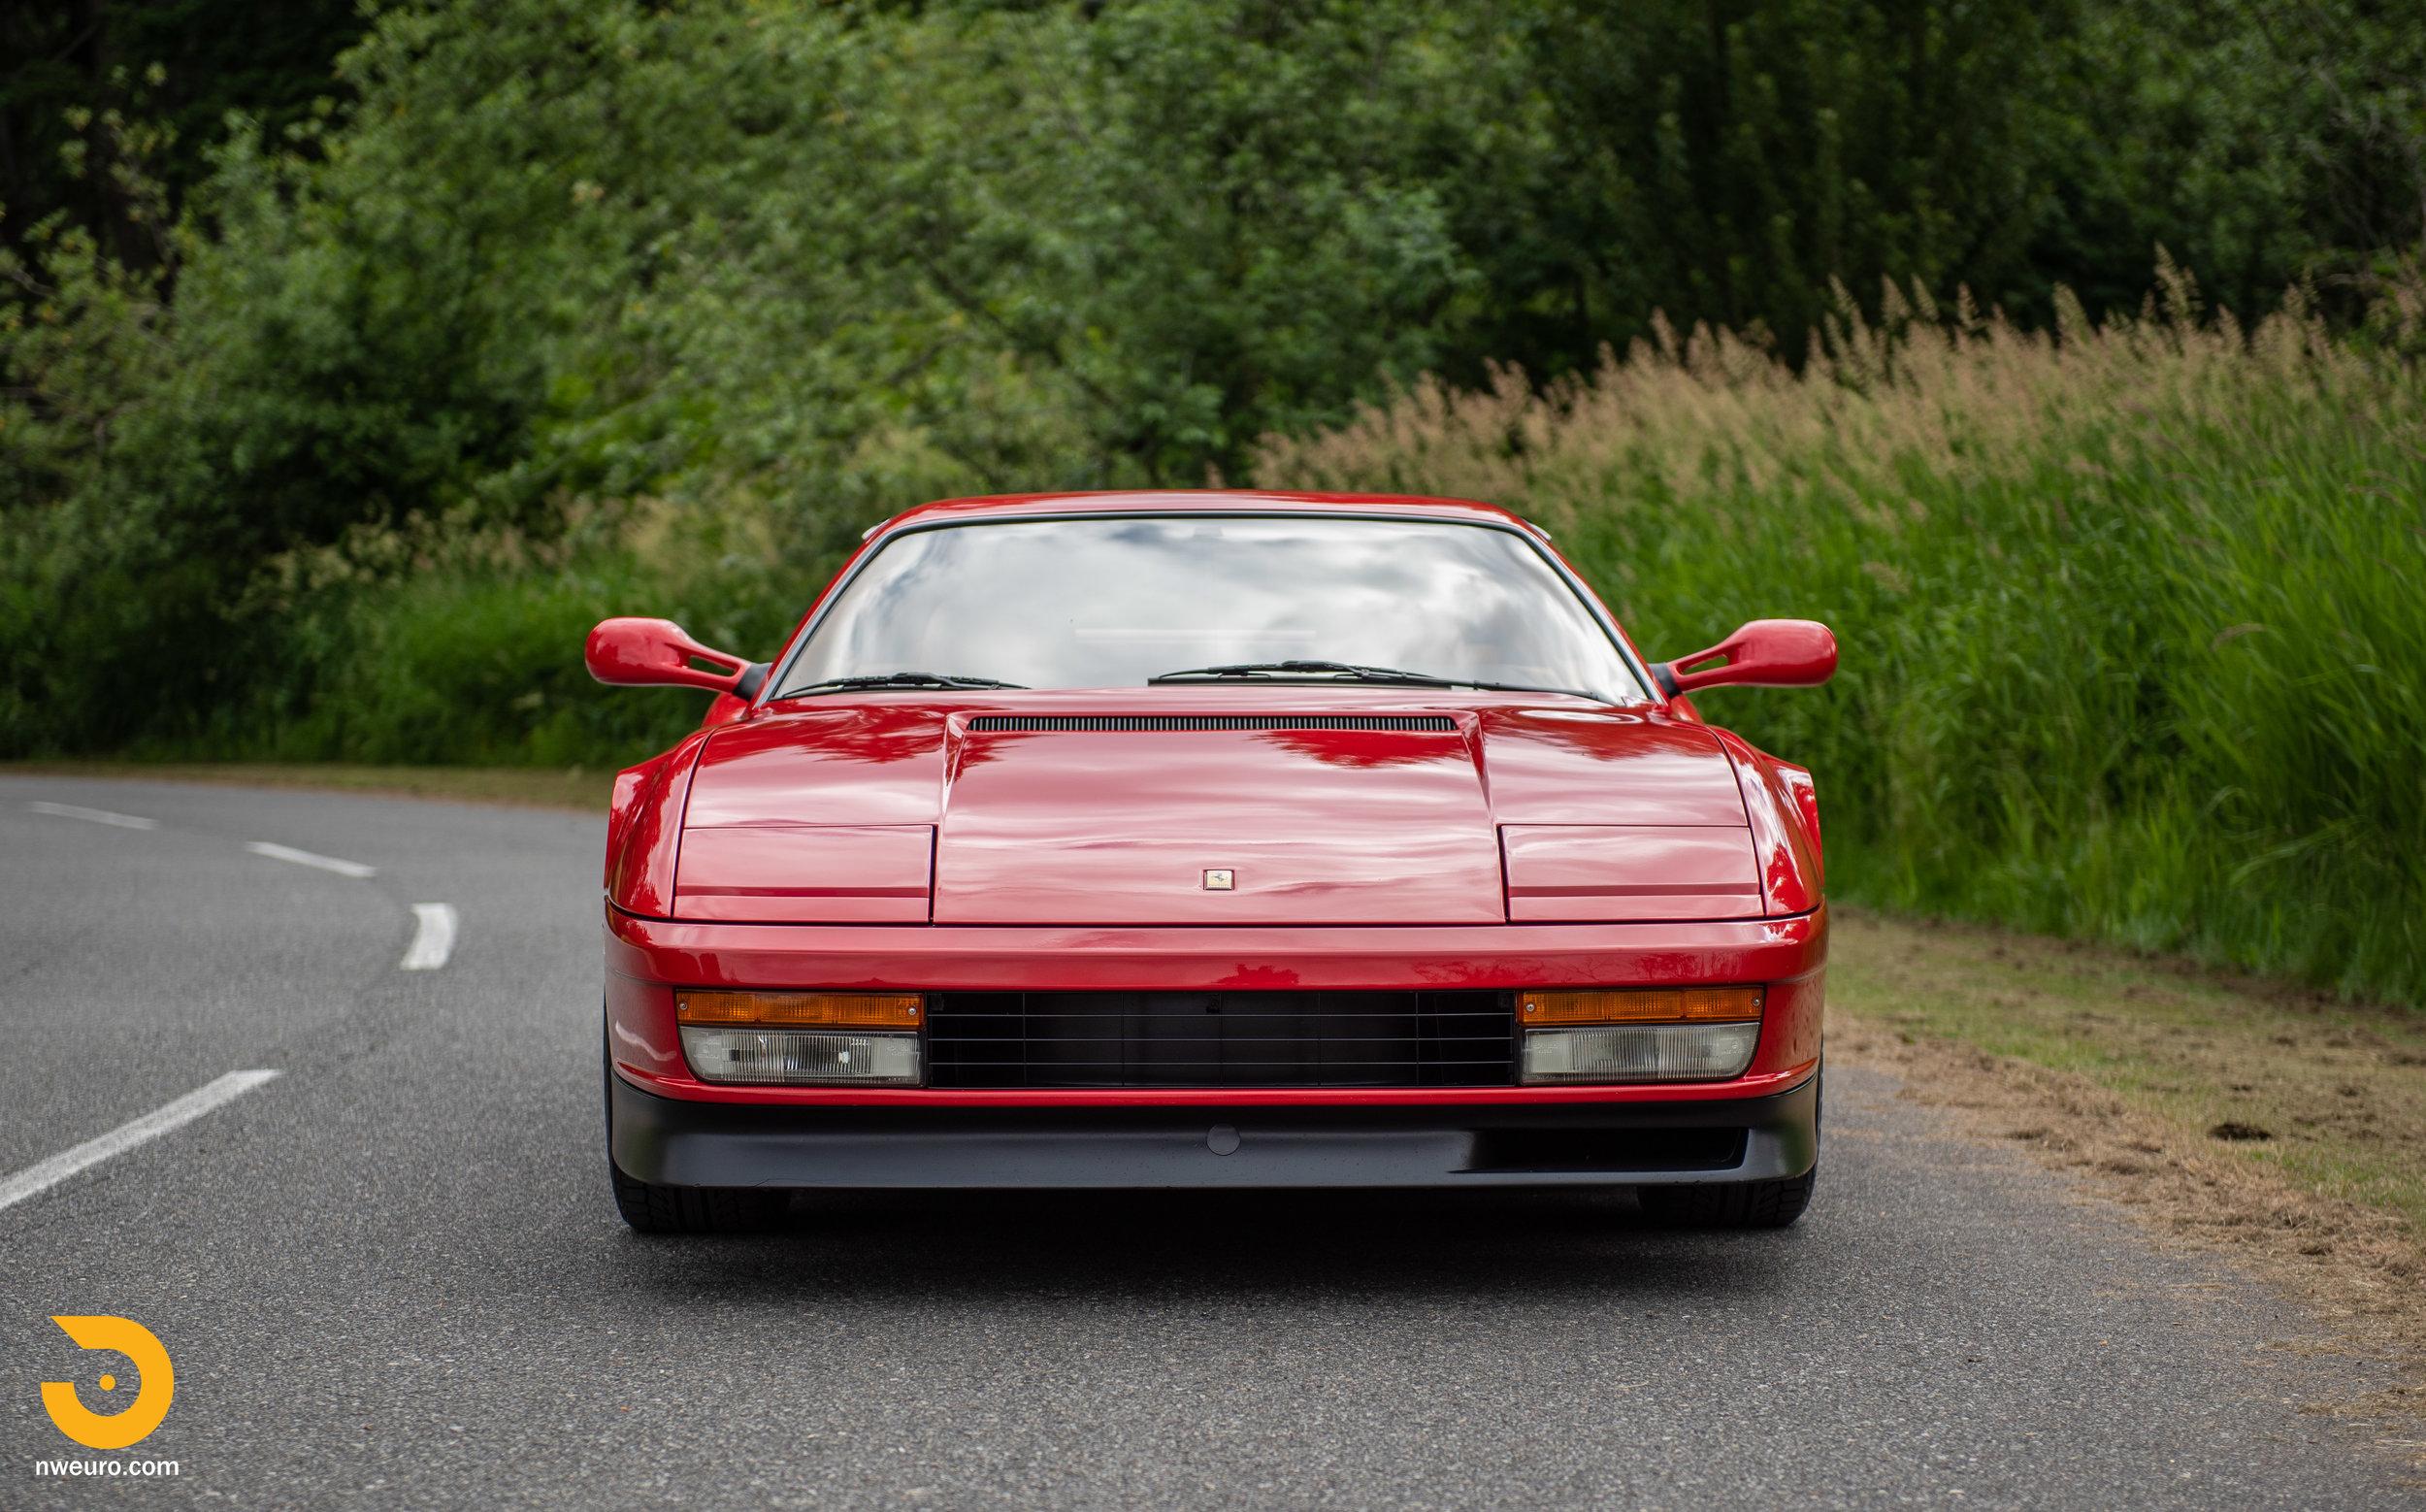 1988 Ferrari Testarossa-99.jpg